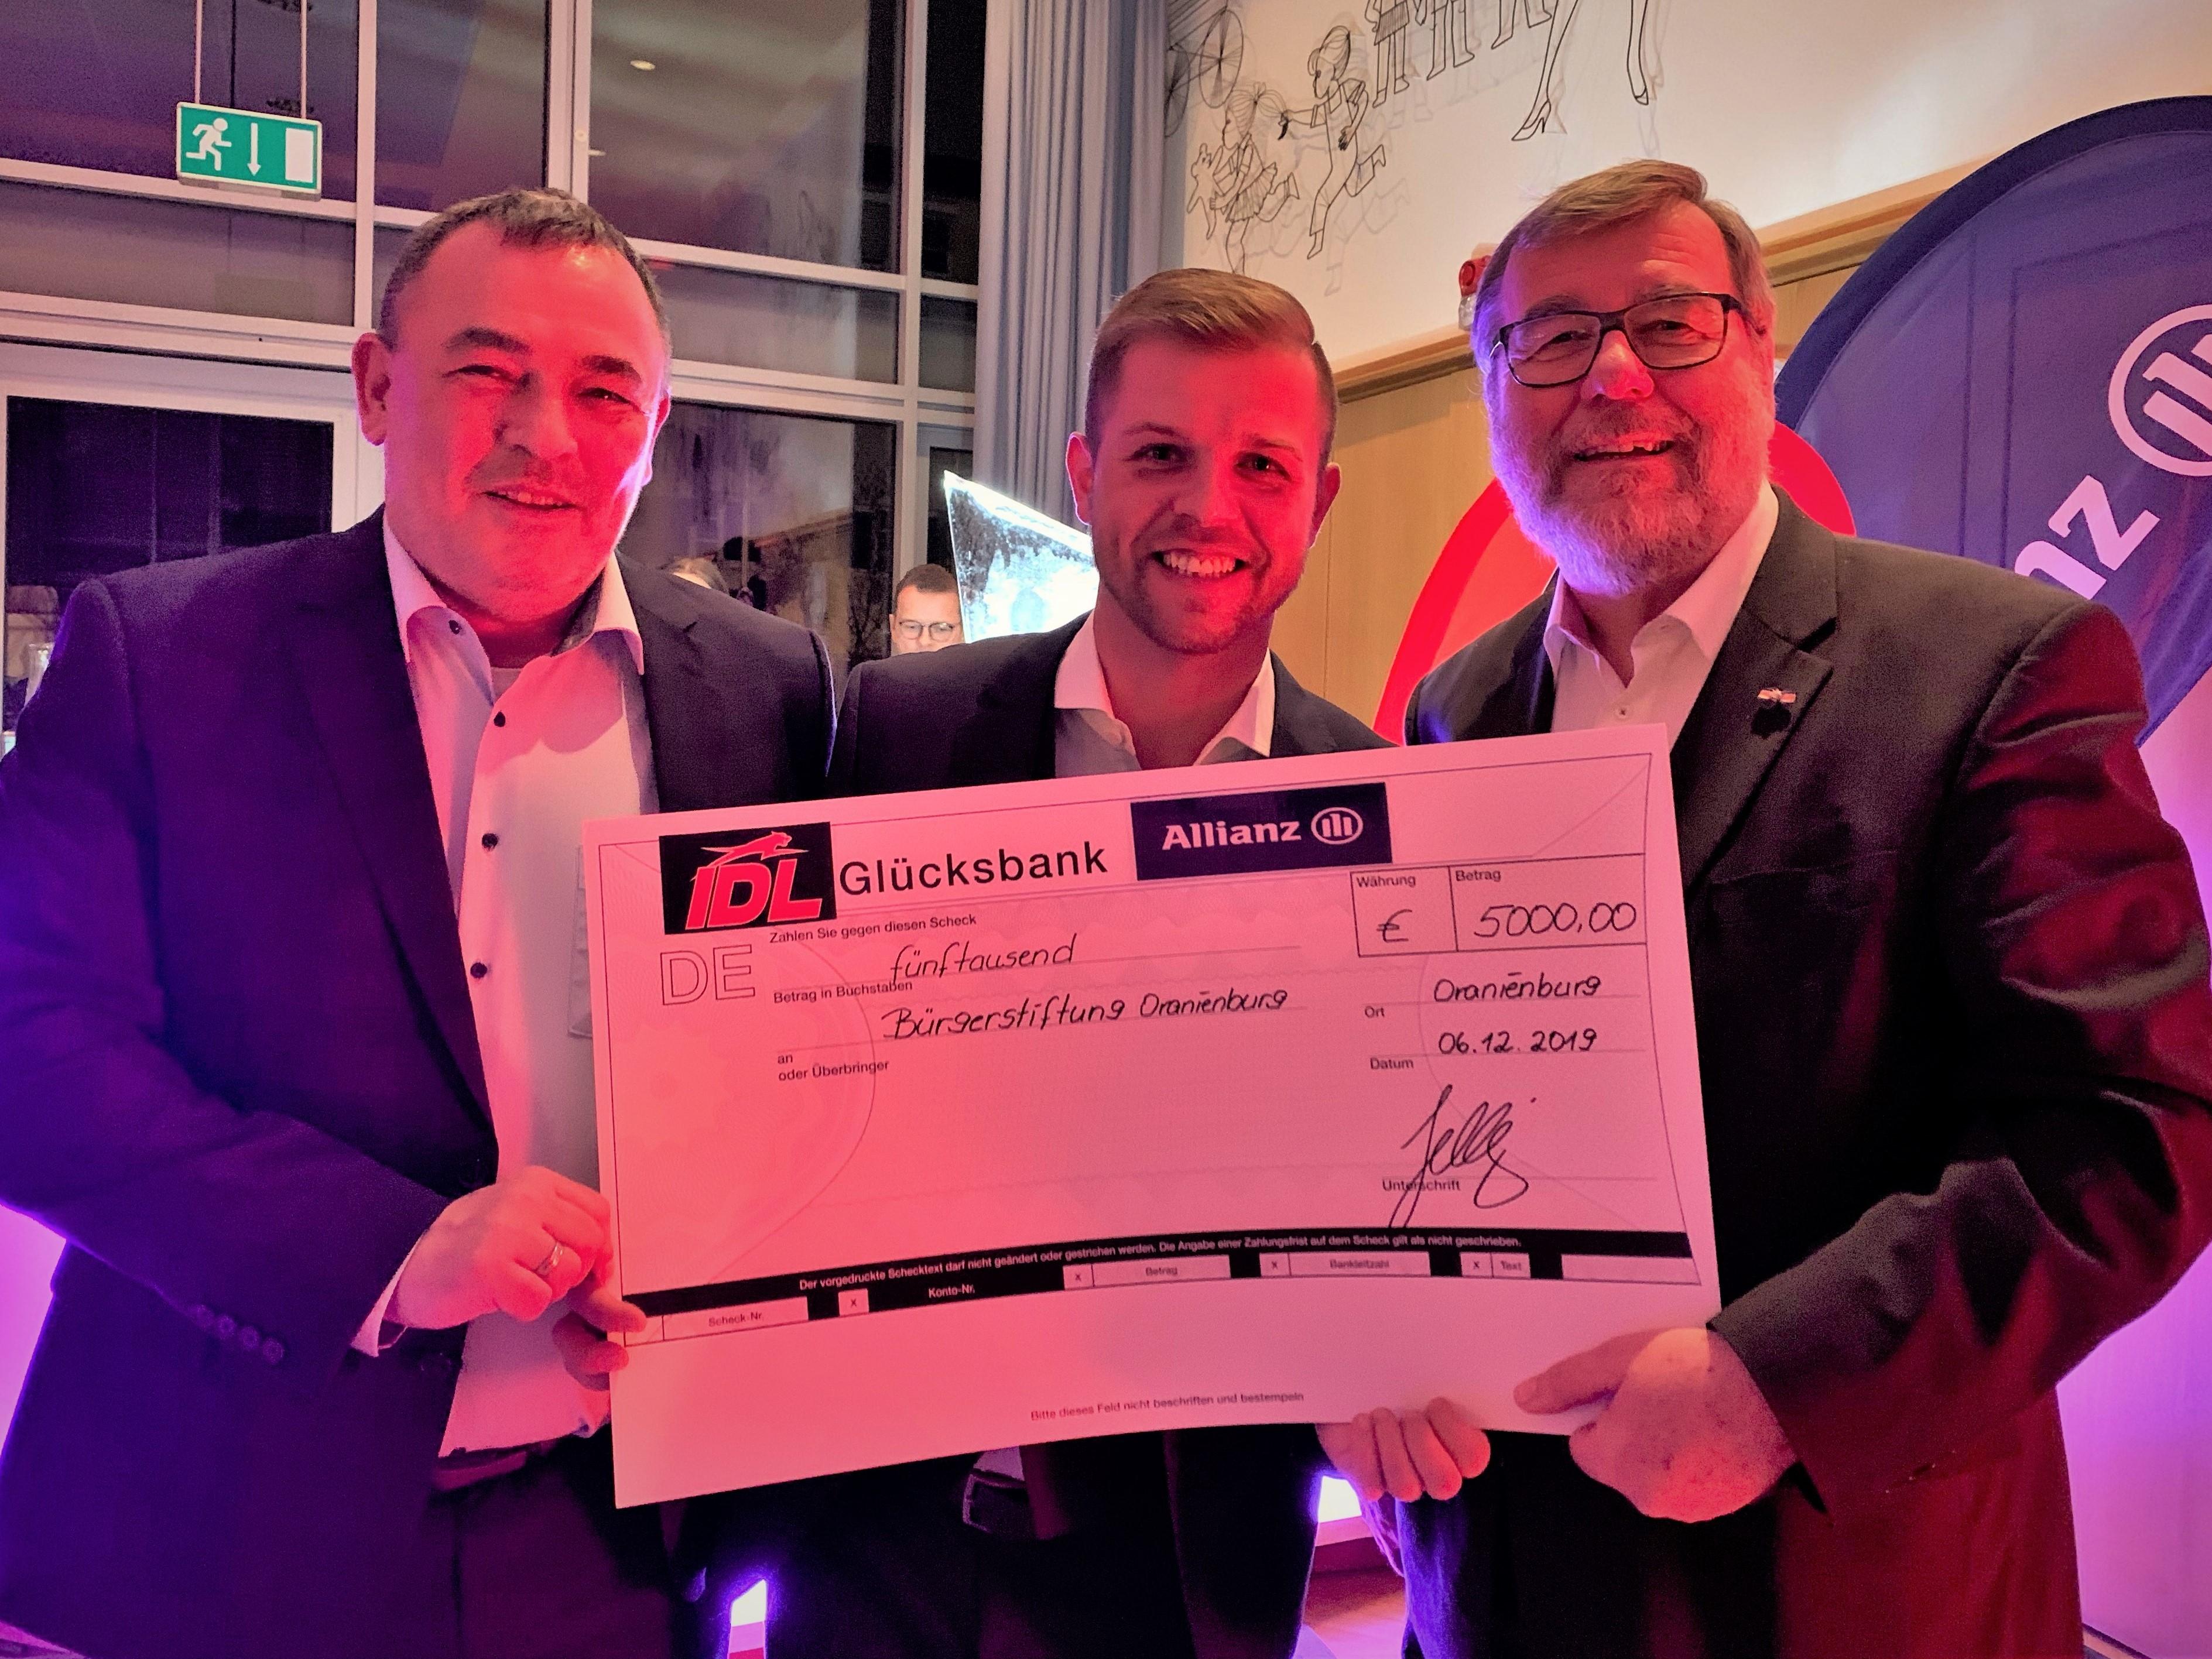 5.000,00 Euro für die Stiftung